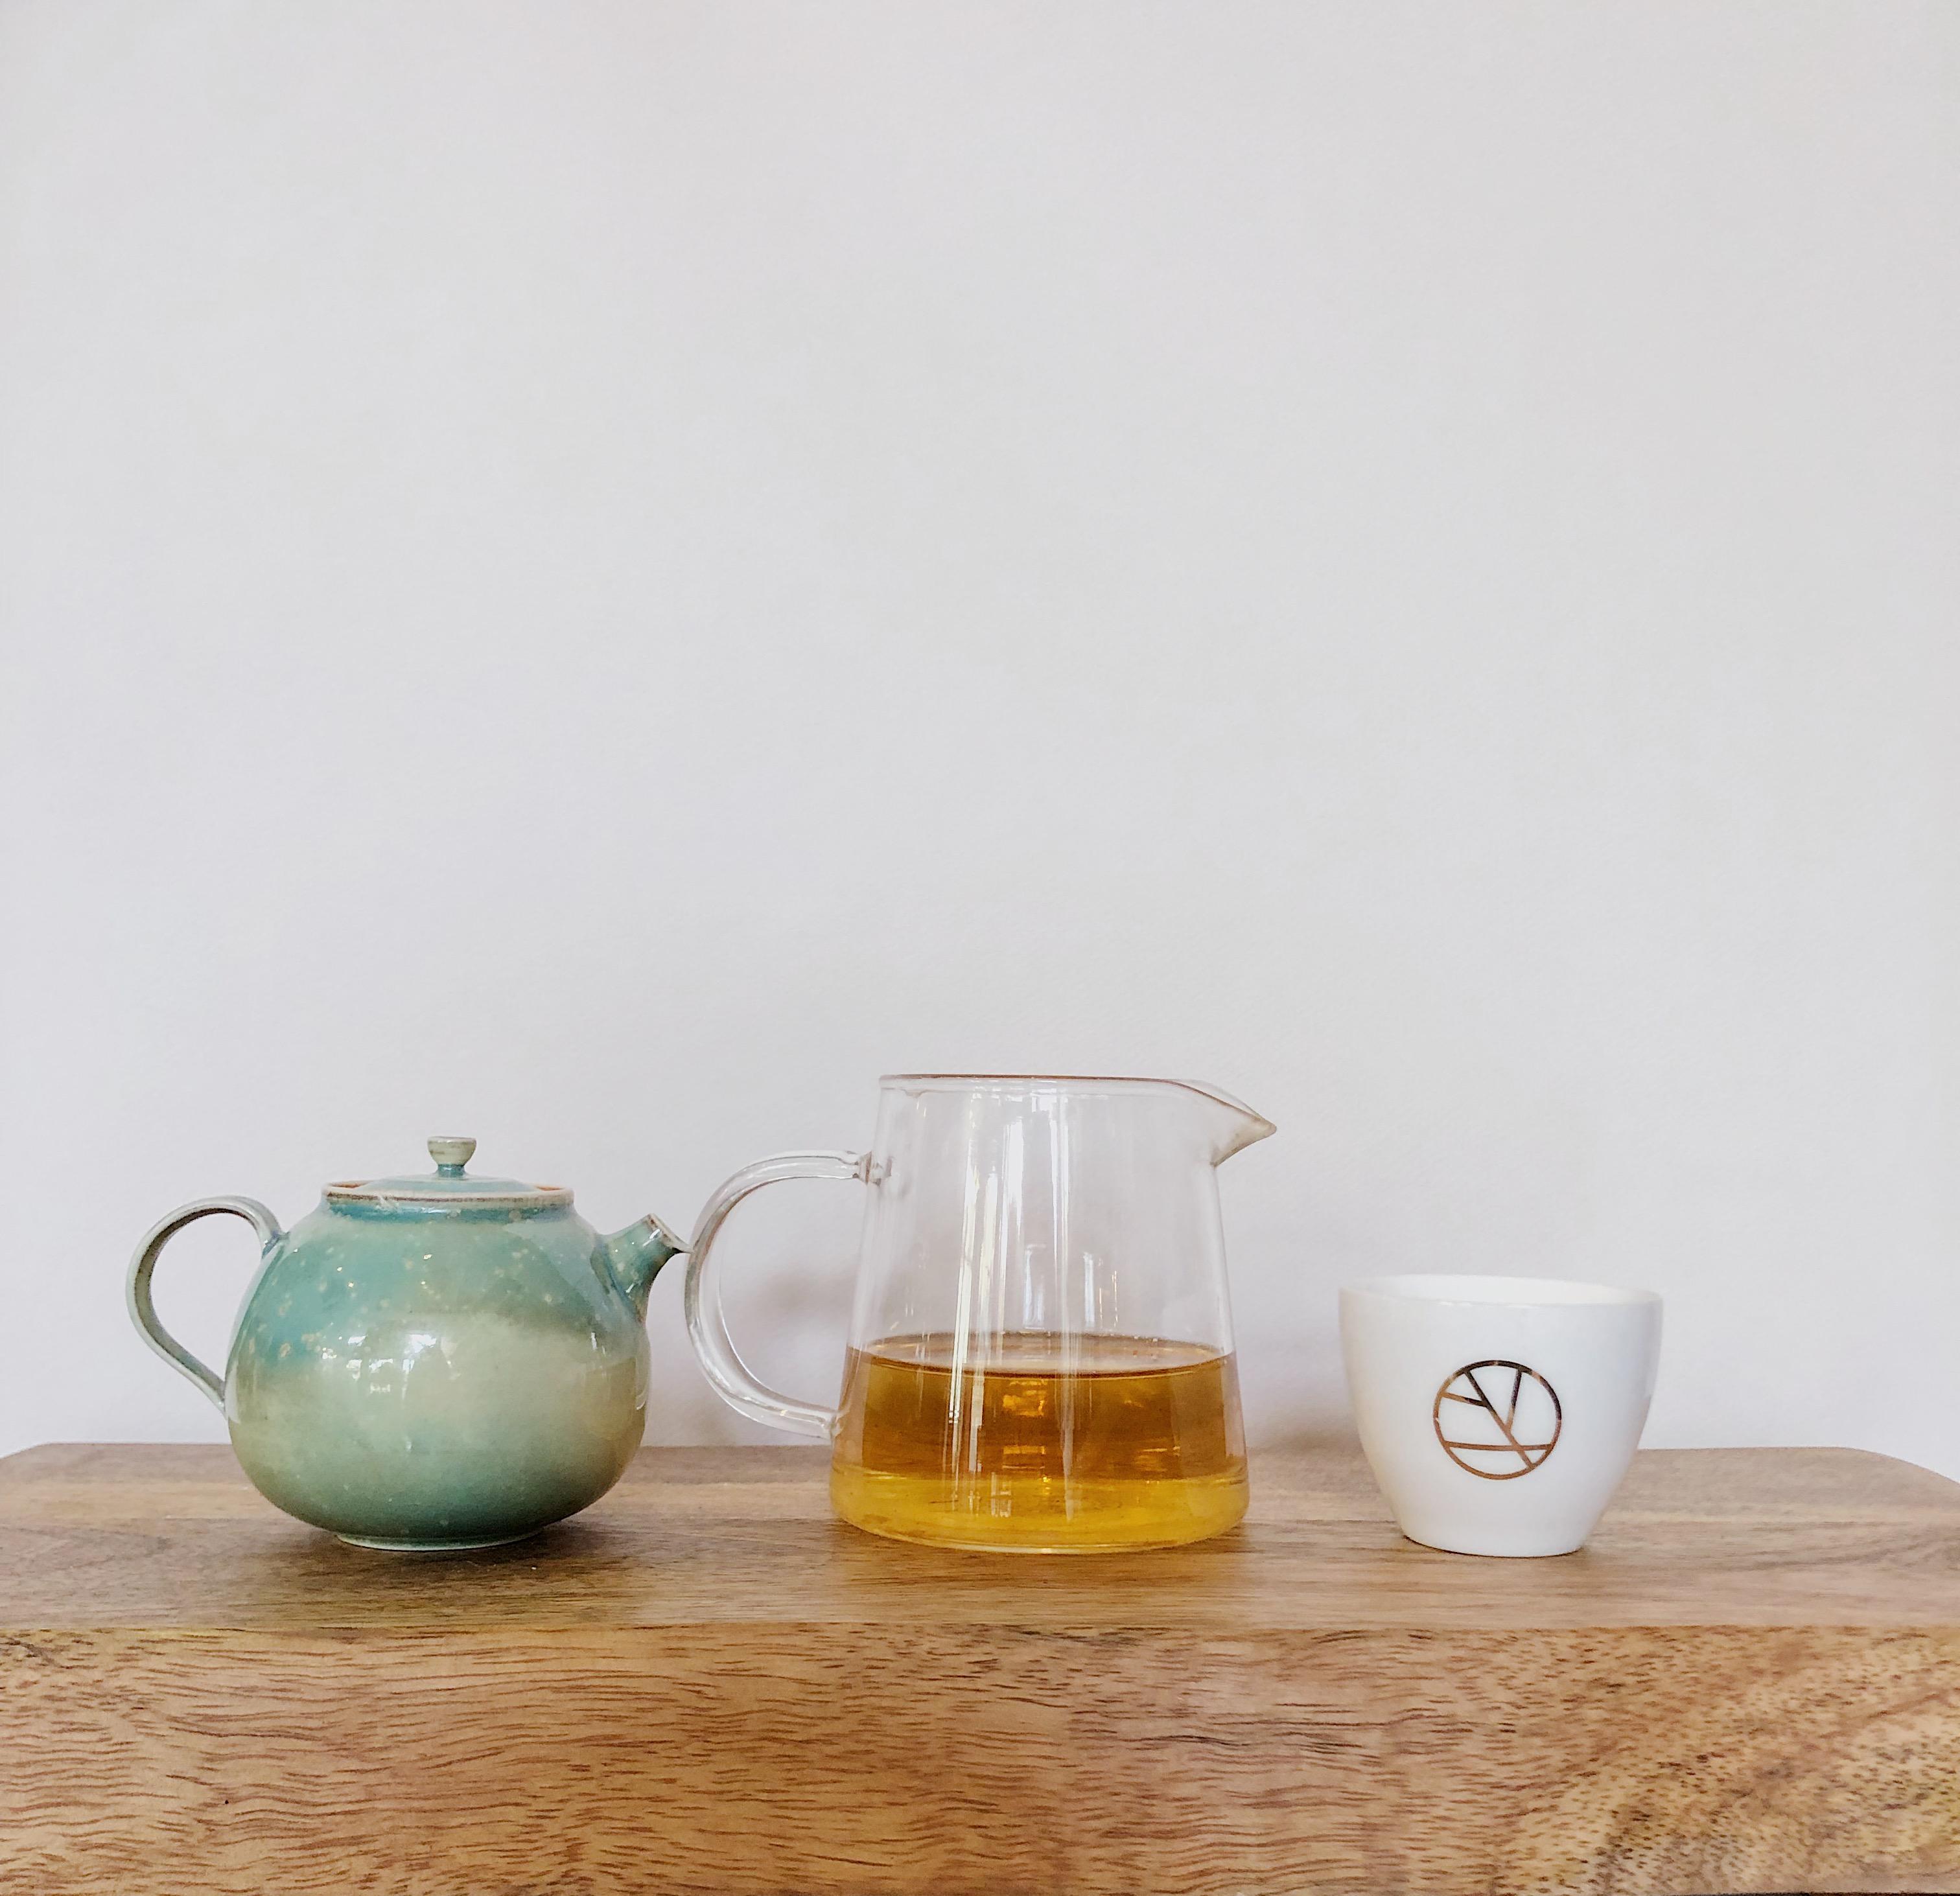 At Home Tea Kits